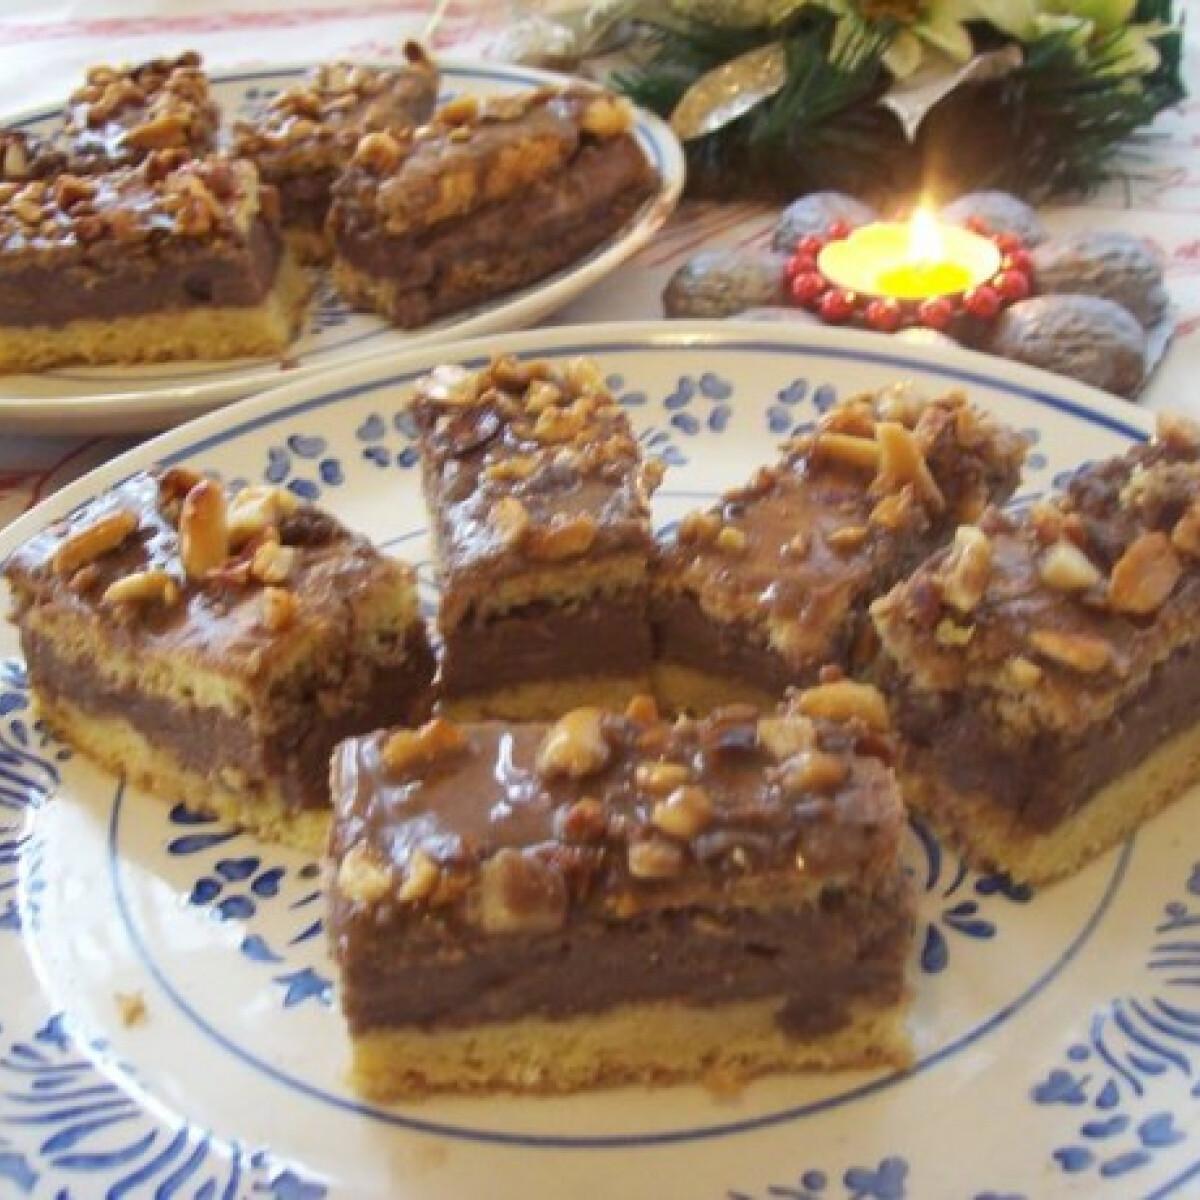 Mogyorós-csokoládés sütemény csokidarabokkal és kávéval